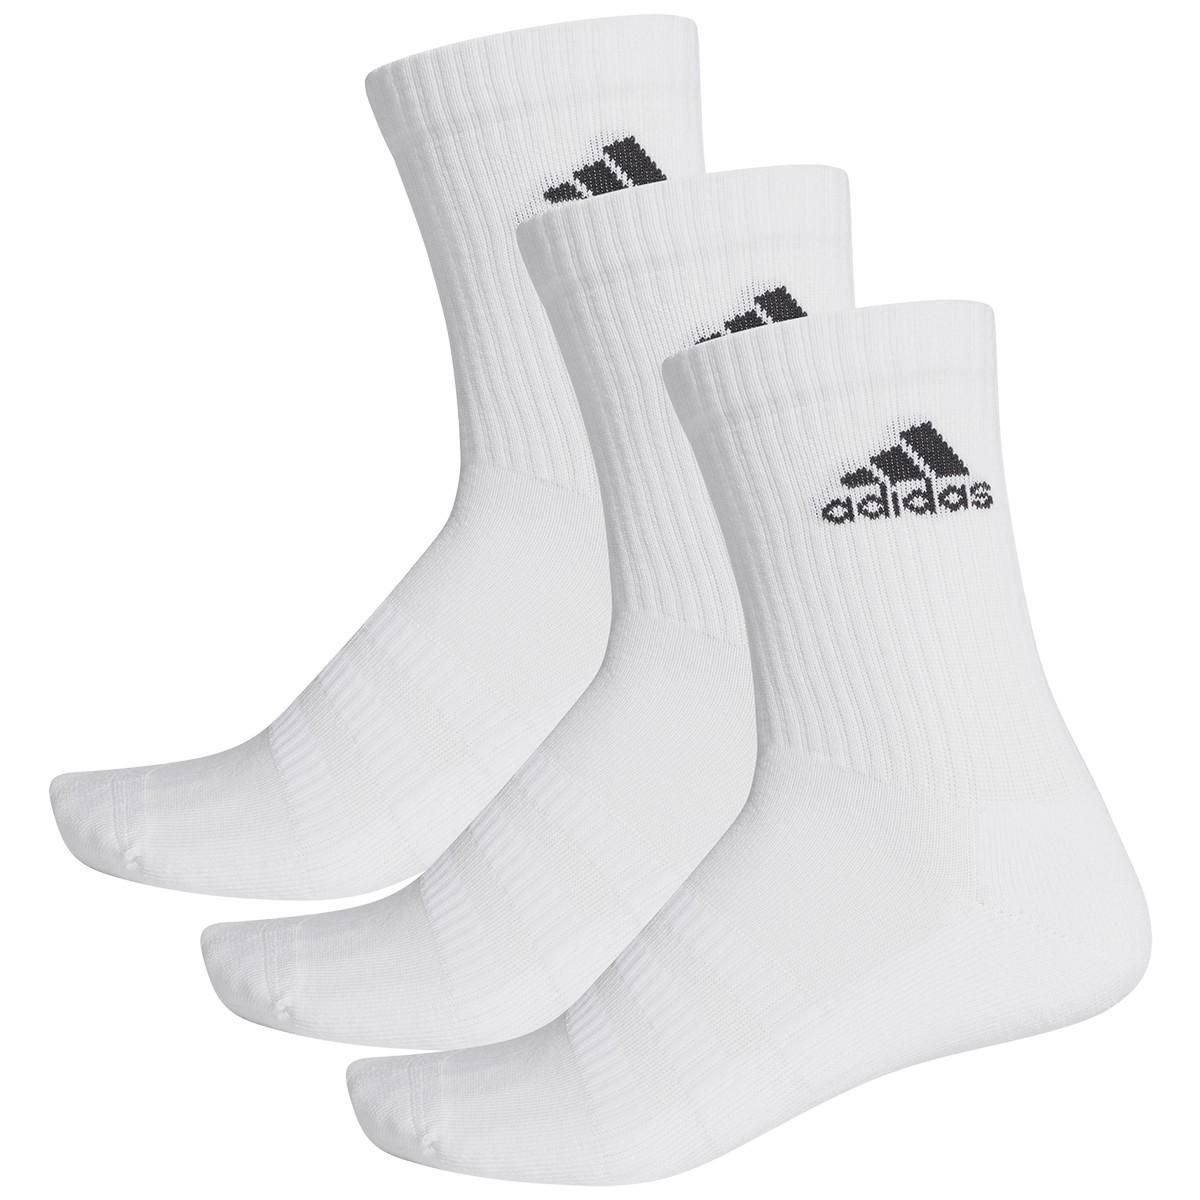 3 paires de chaussettes adidas cush